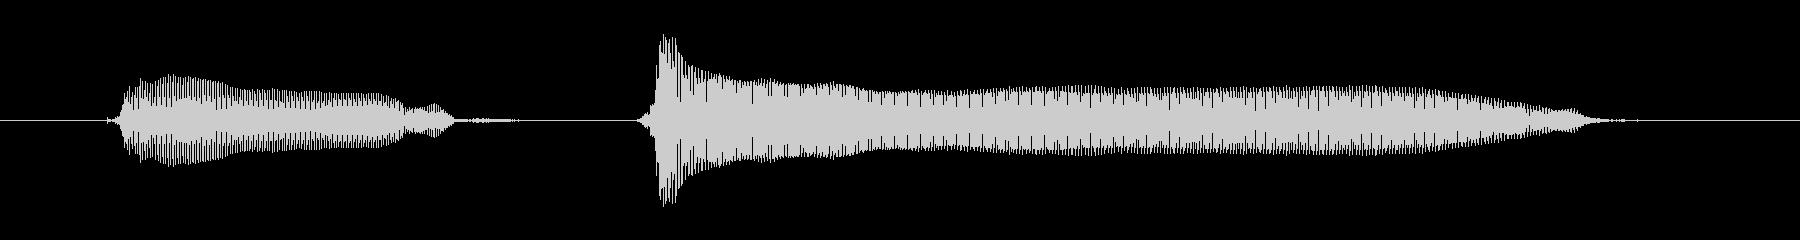 【ボイスSE】ピンポーン!の未再生の波形